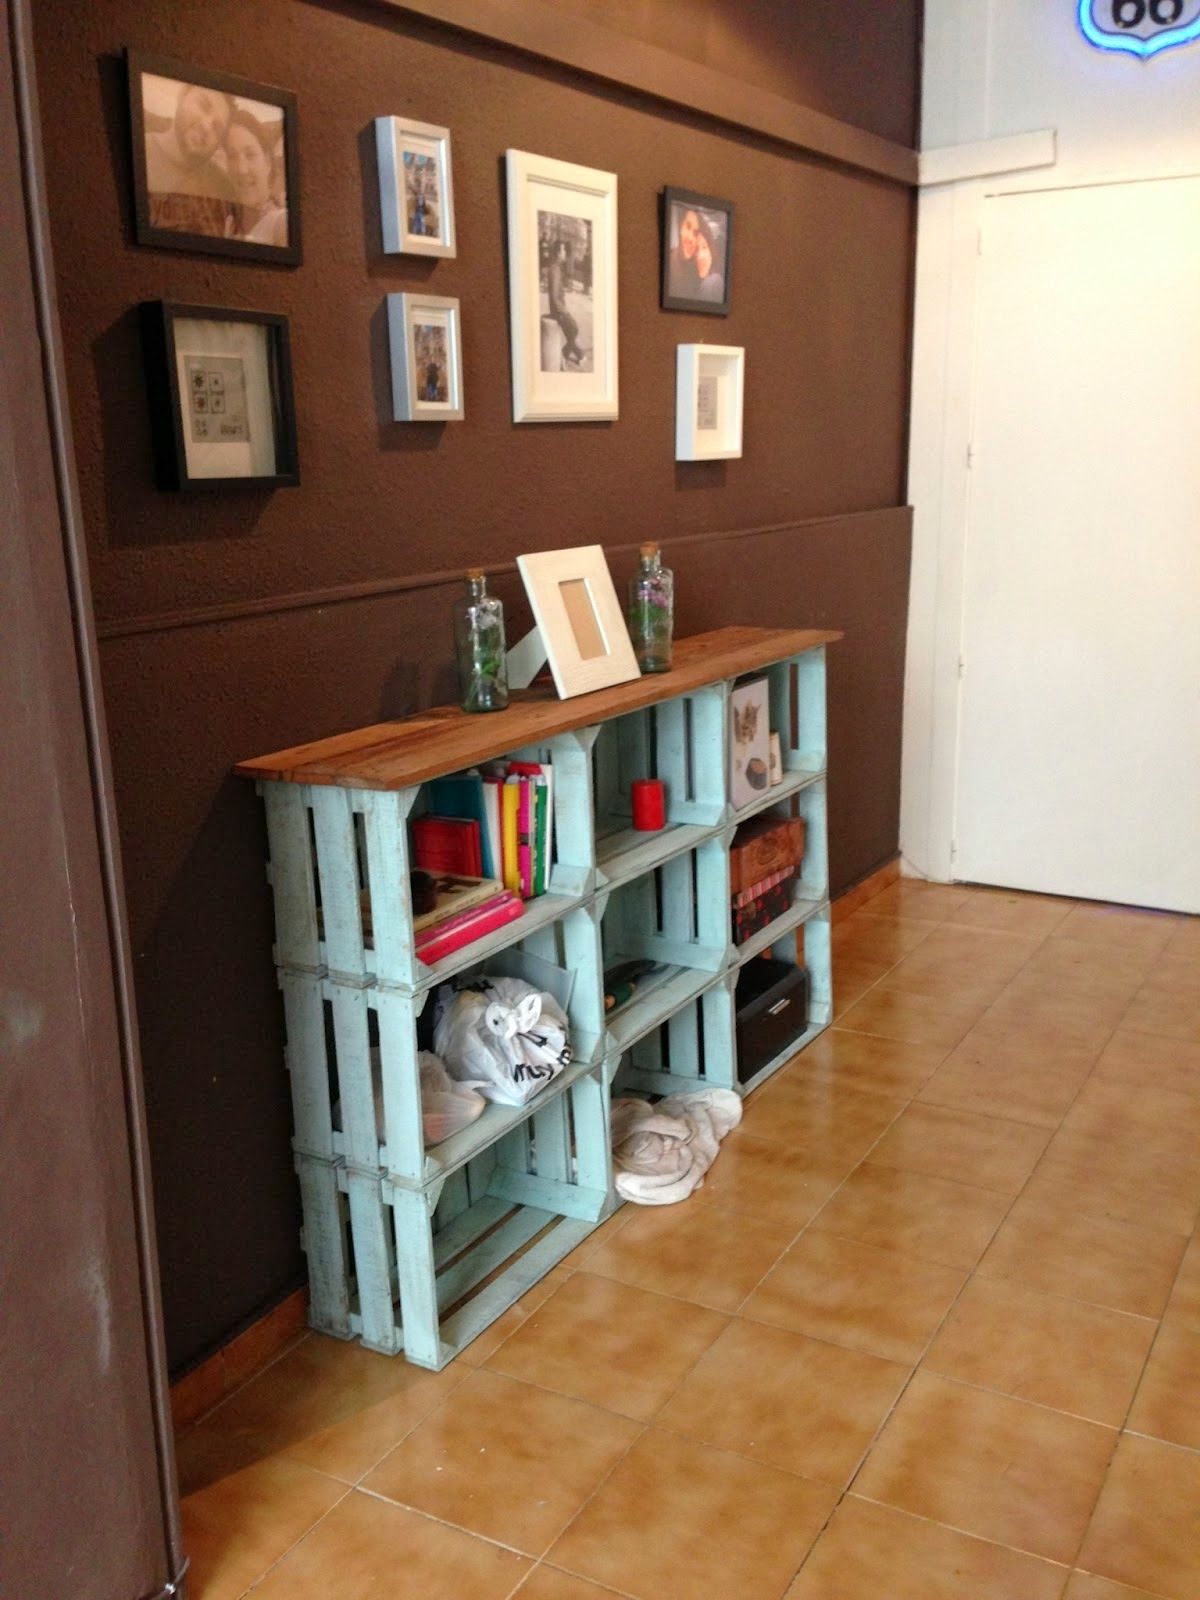 6 Cajas De Fruta Recicladas Para Decorar Muebles Pinterest - Decorar-con-cajas-de-fruta